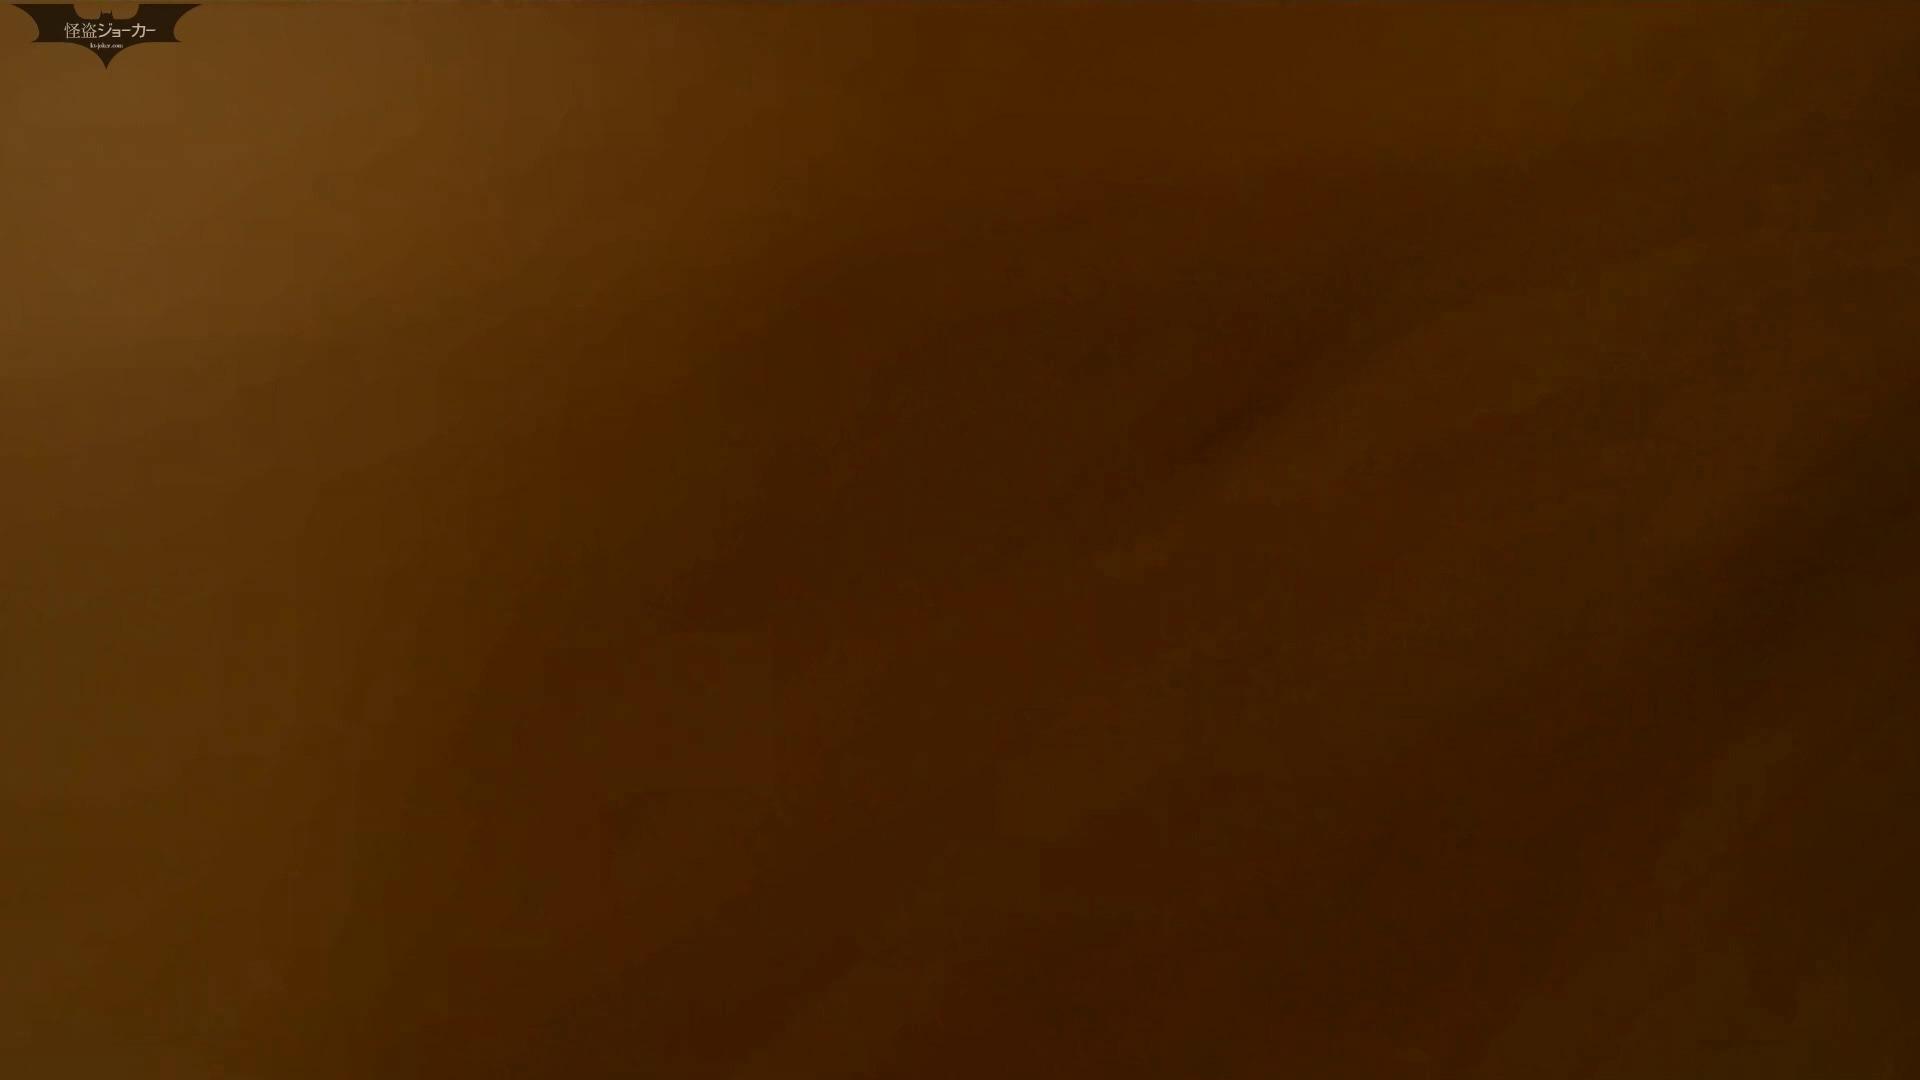 阿国ちゃんの和式洋式七変化 Vol.25 ん?突起物が・・・。 高画質 | お姉さんのSEX  83枚 8